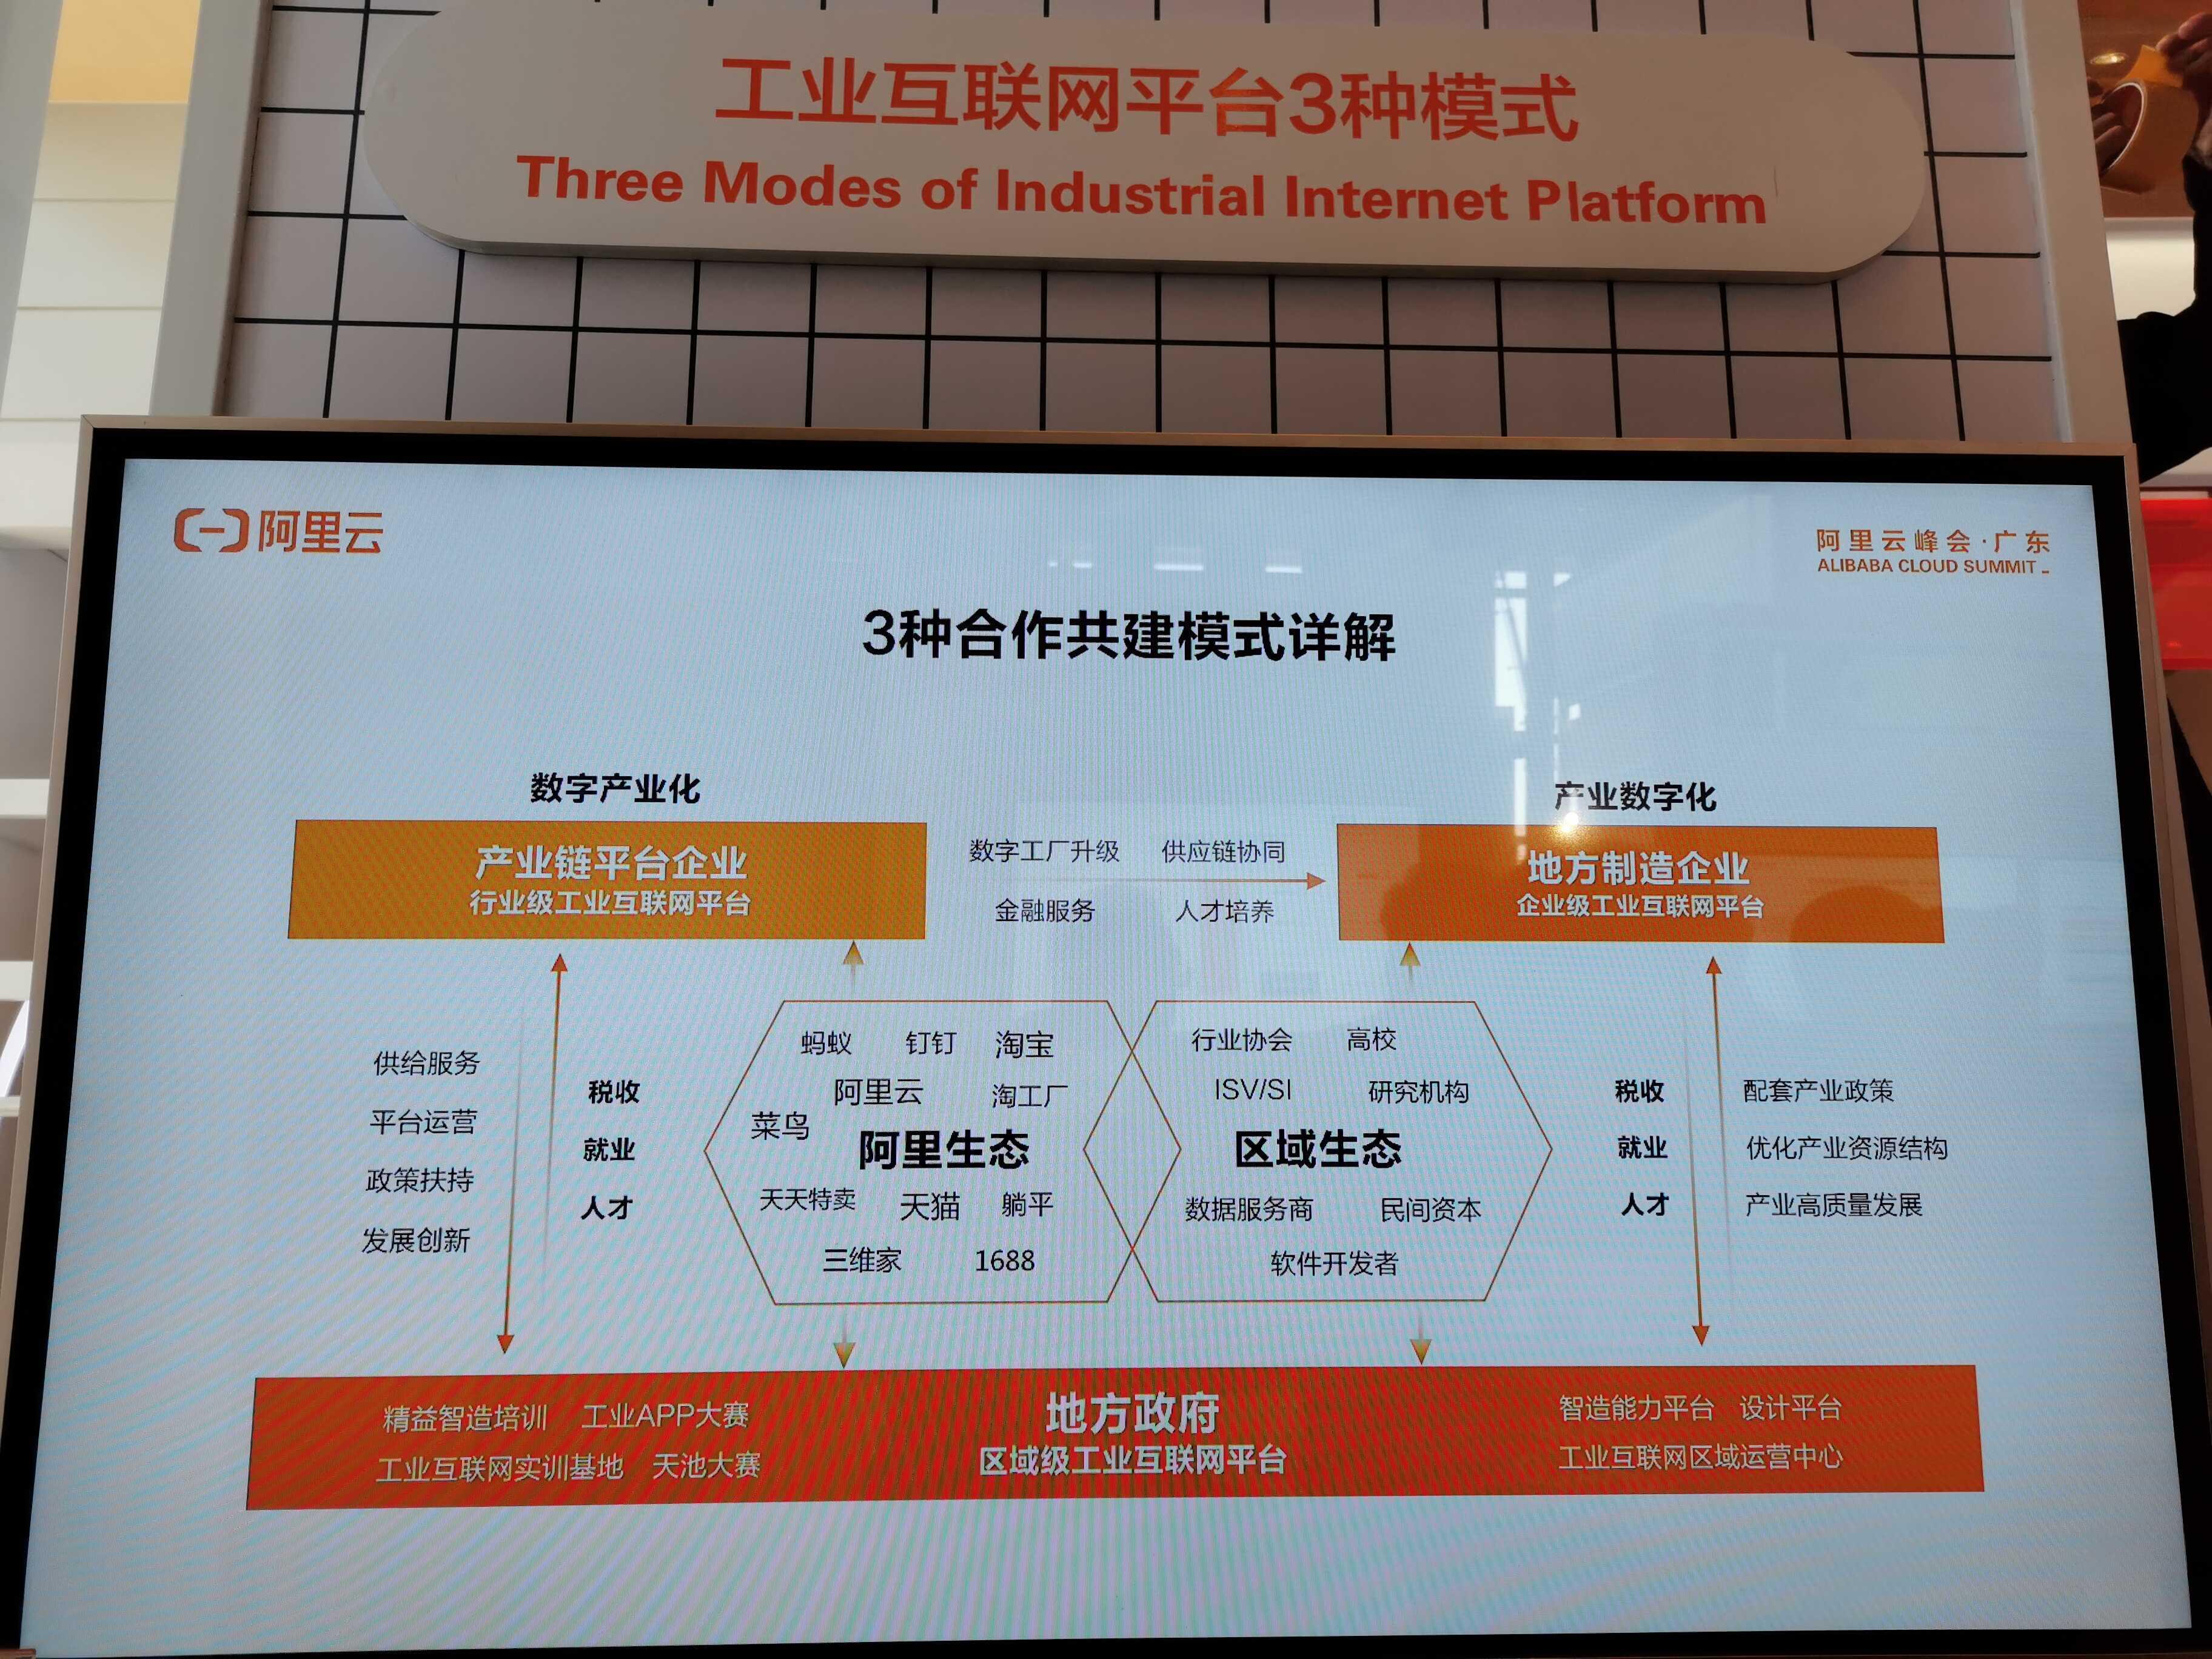 阿里云工业互联网平台合作模式